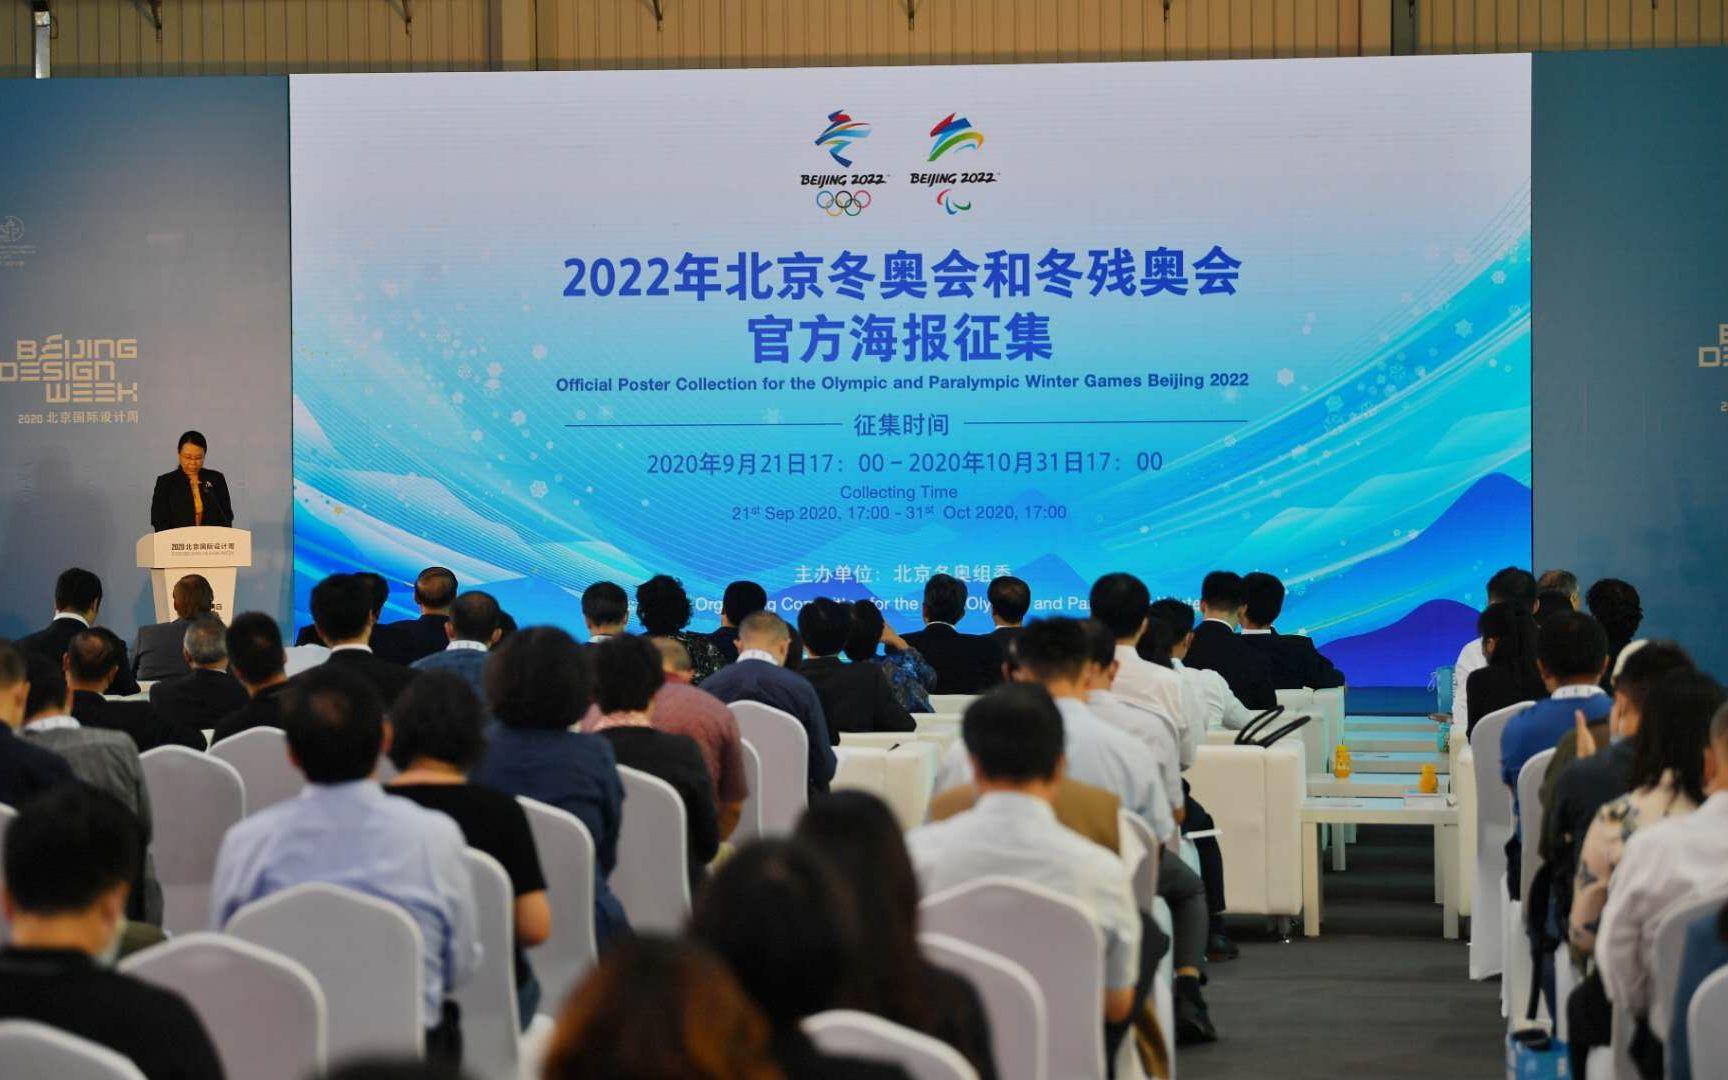 2020北京国际设计周开幕活动举办,北京冬奥官方海报启动征集图片